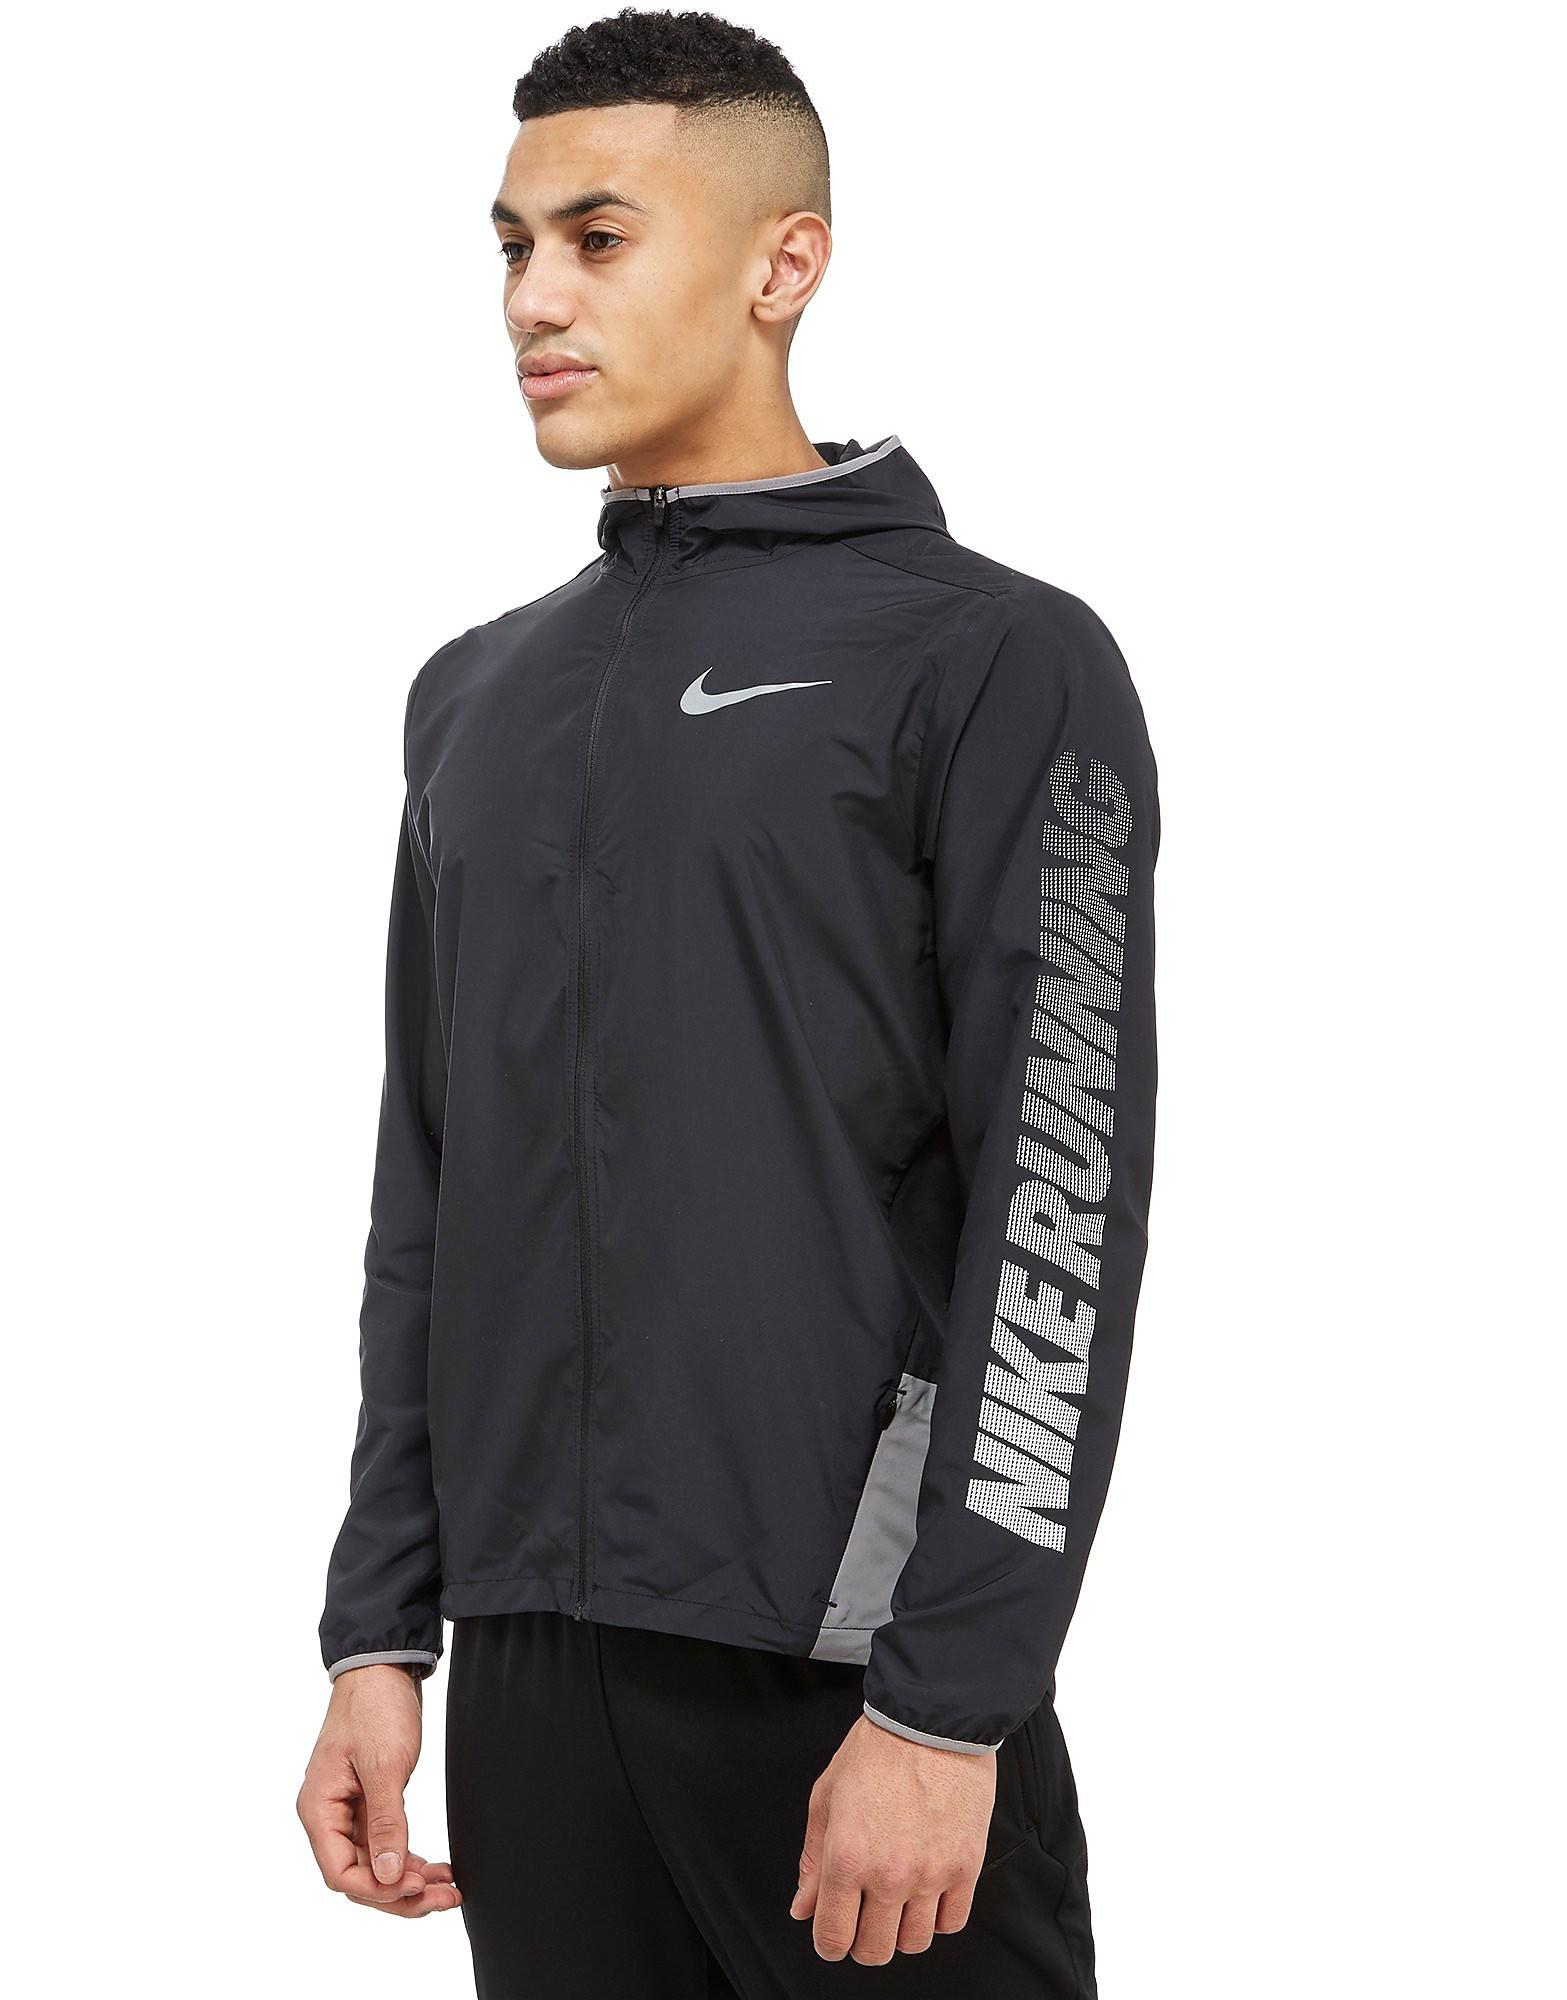 Nike City Running Jacket